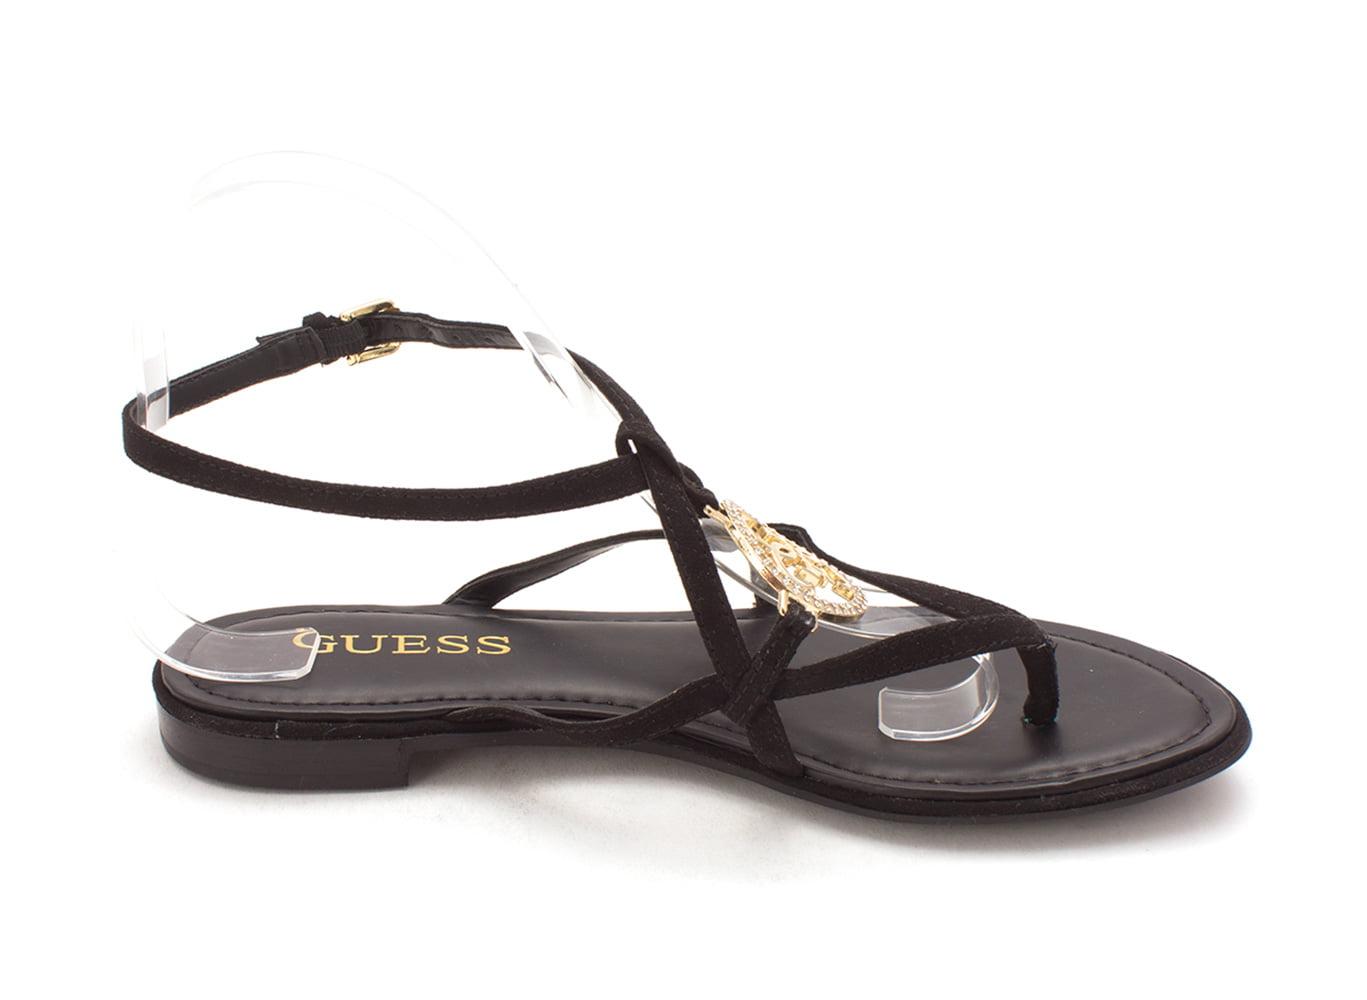 d2c8c3449b2e GUESS - Guess Romie Women s Sandals   Flip Flops - Walmart.com